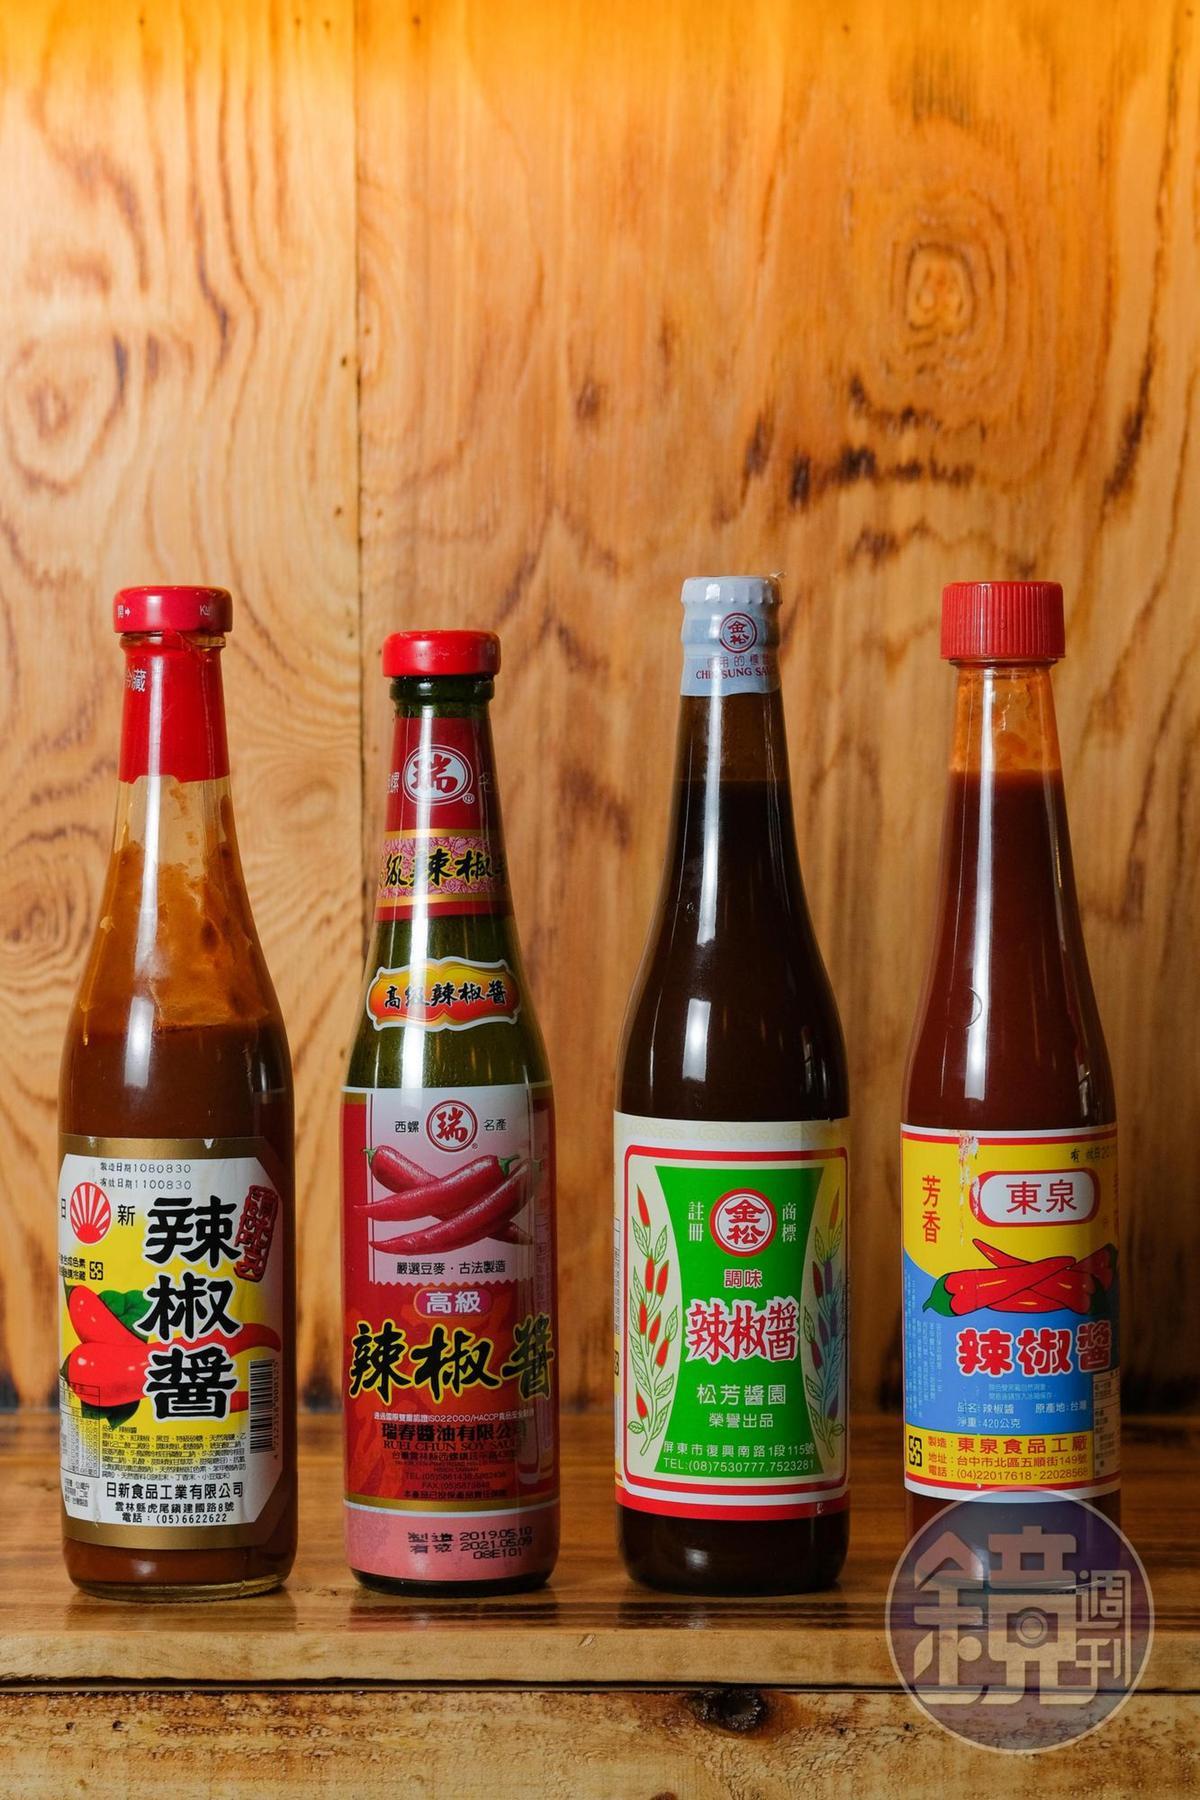 店內的台式瓶裝醬料是老闆們的鄉愁,提供給客人自由運用。